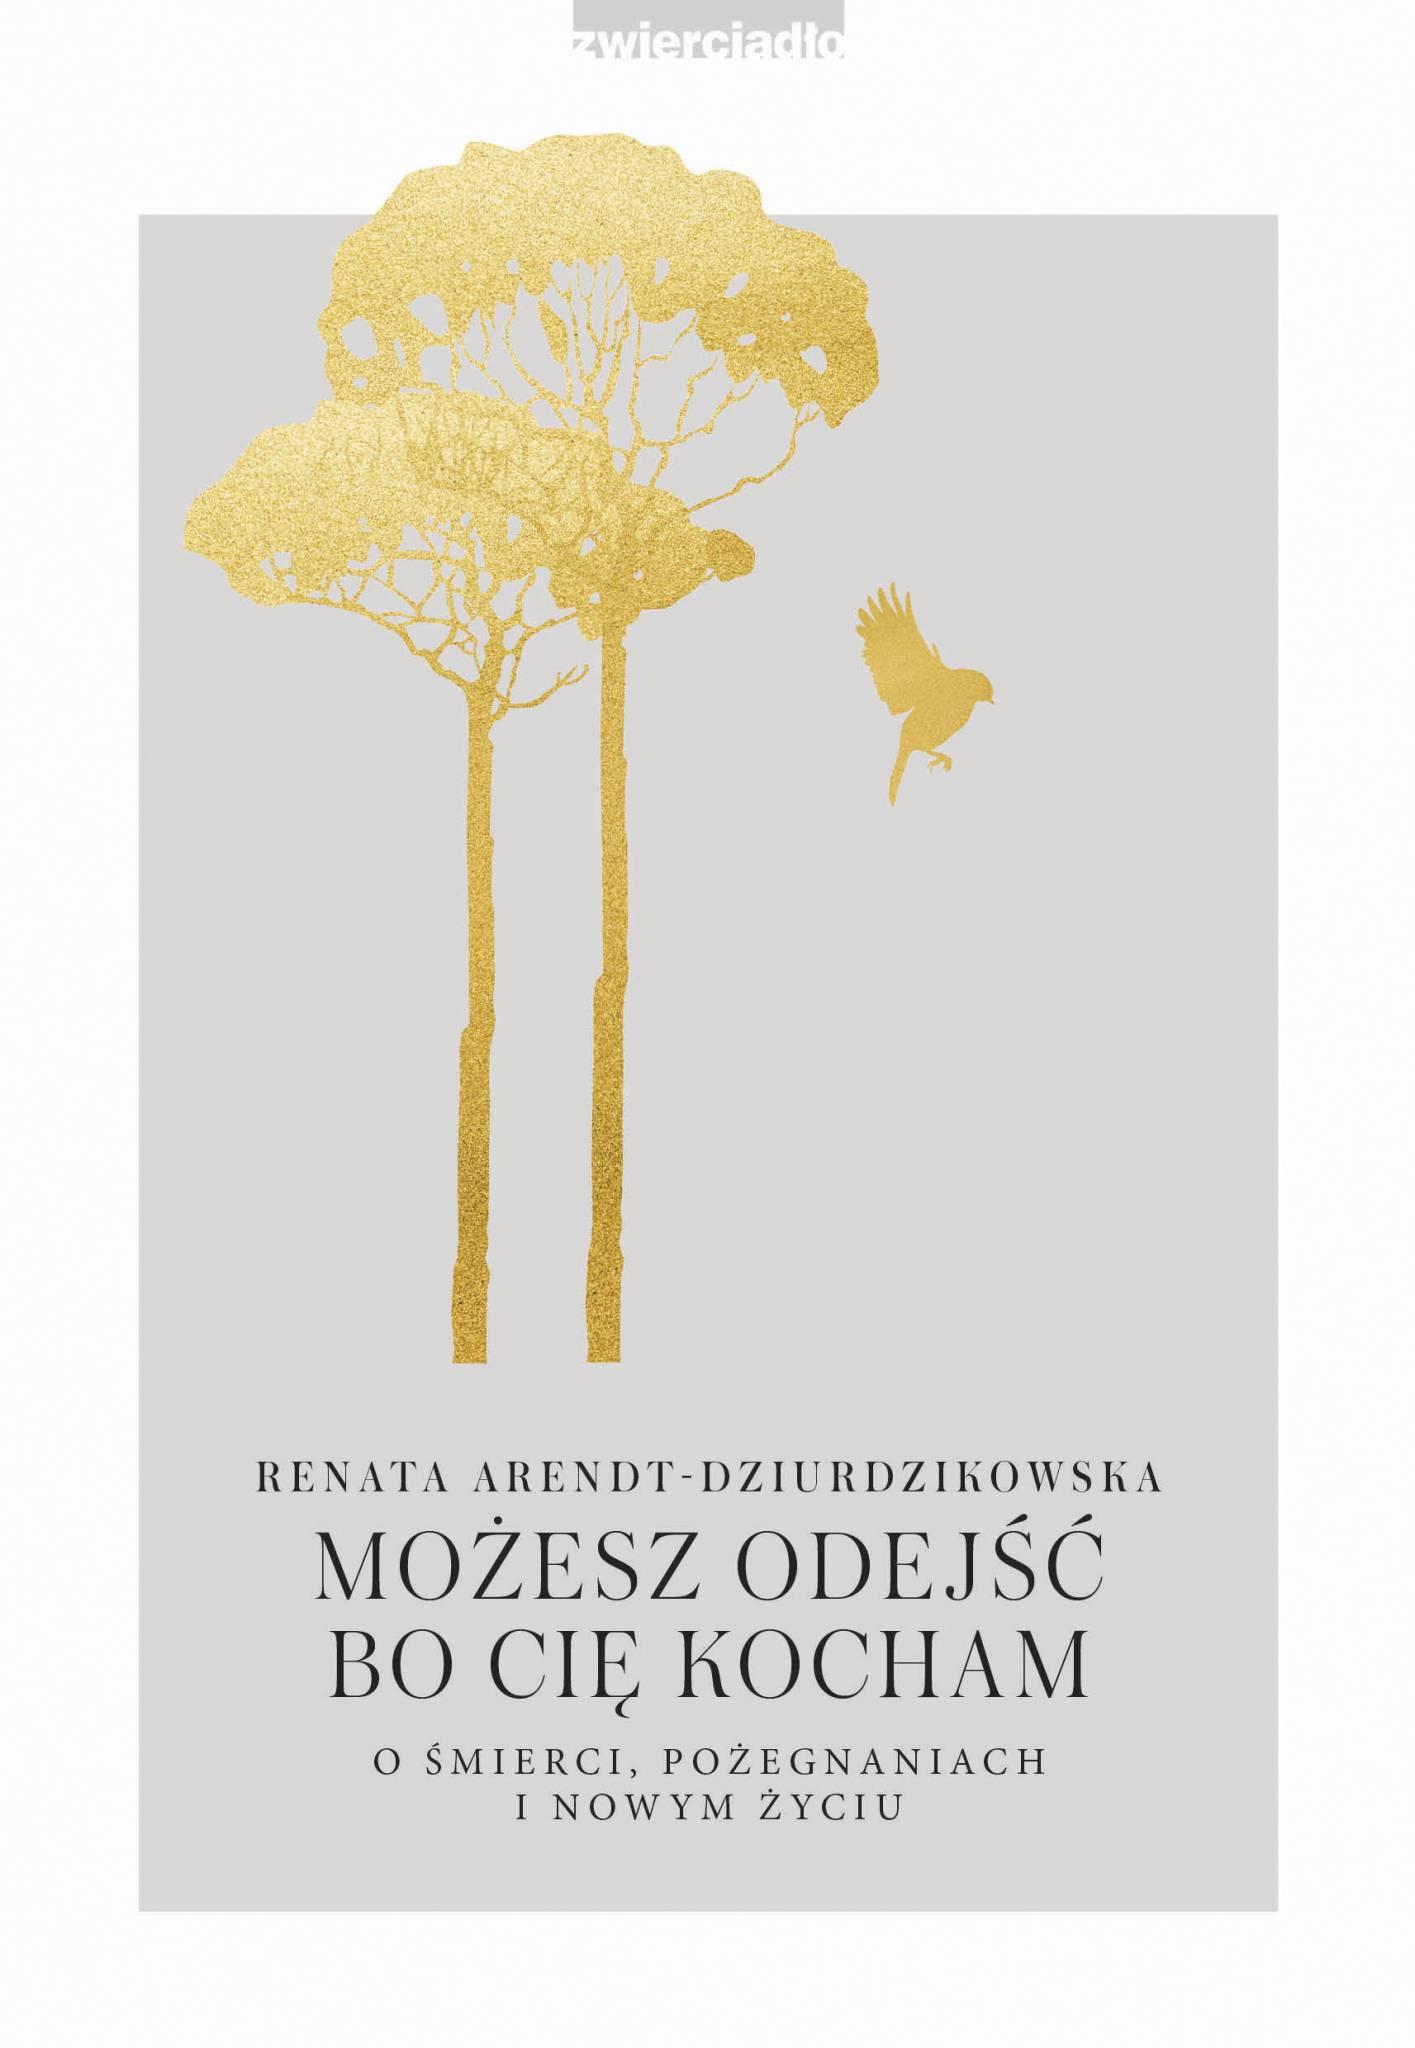 Możesz odejść, bo Cię kocham - Renata Arendt-Dziurdzikowska